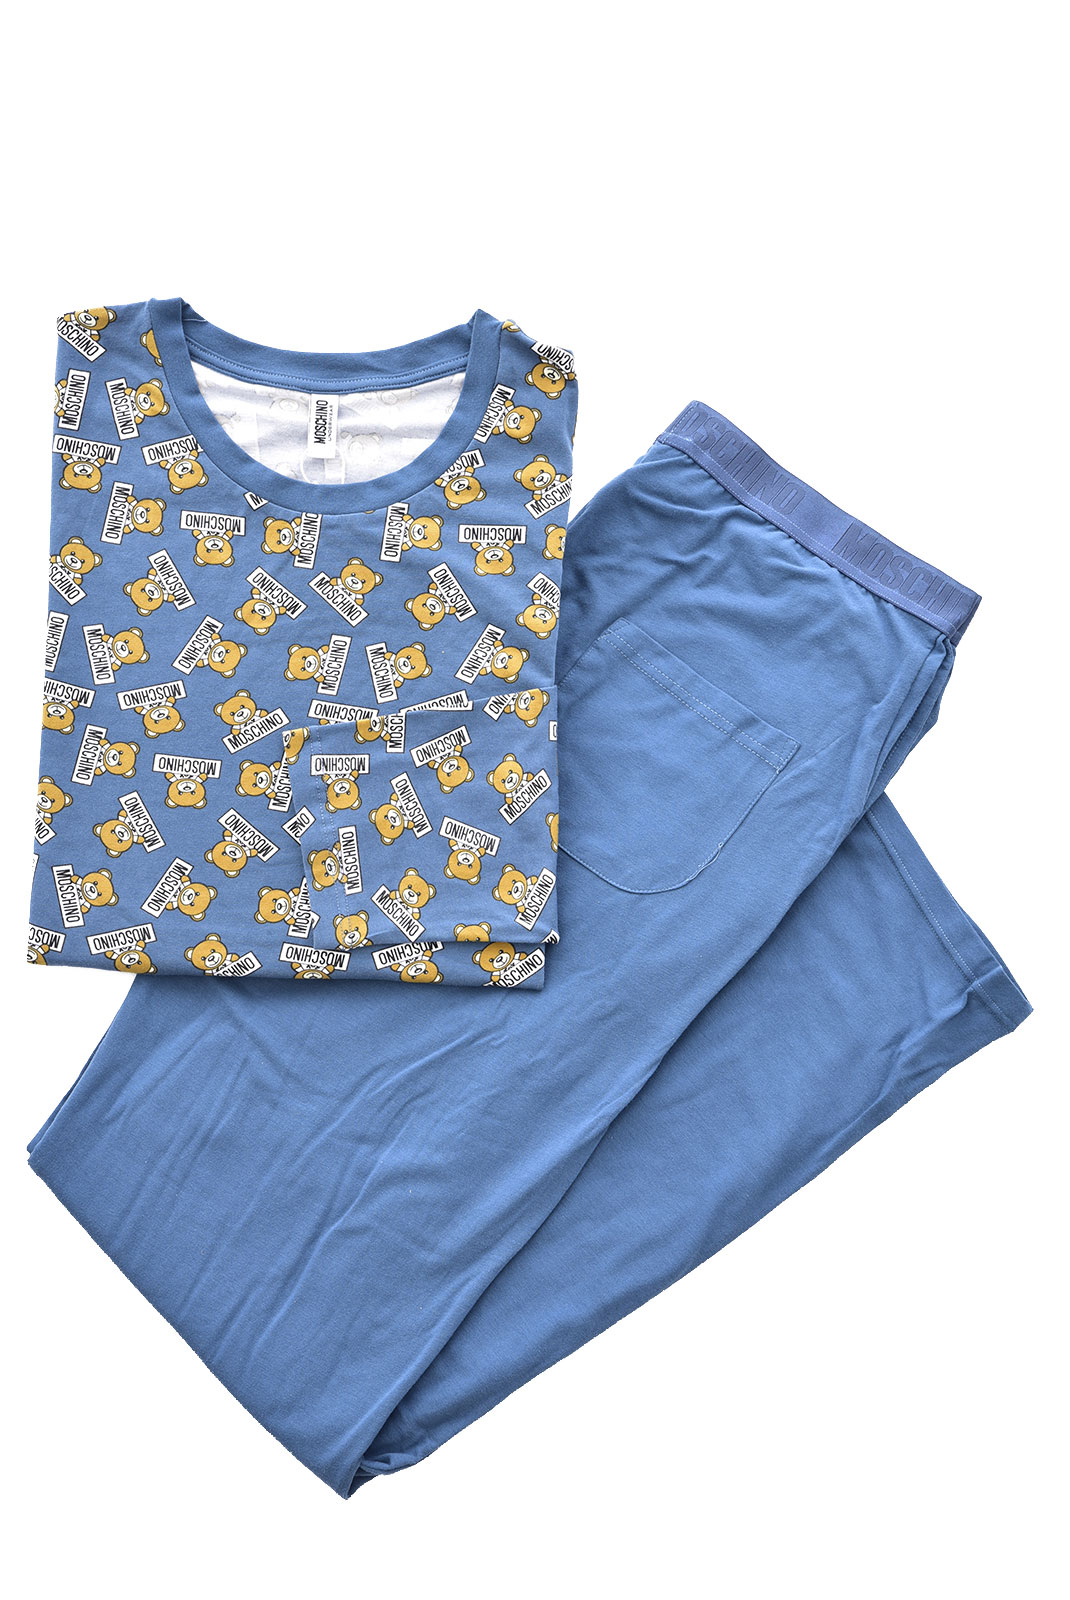 Pyjamas-Peignoirs  Moschino 1A5002 1288 BLEU